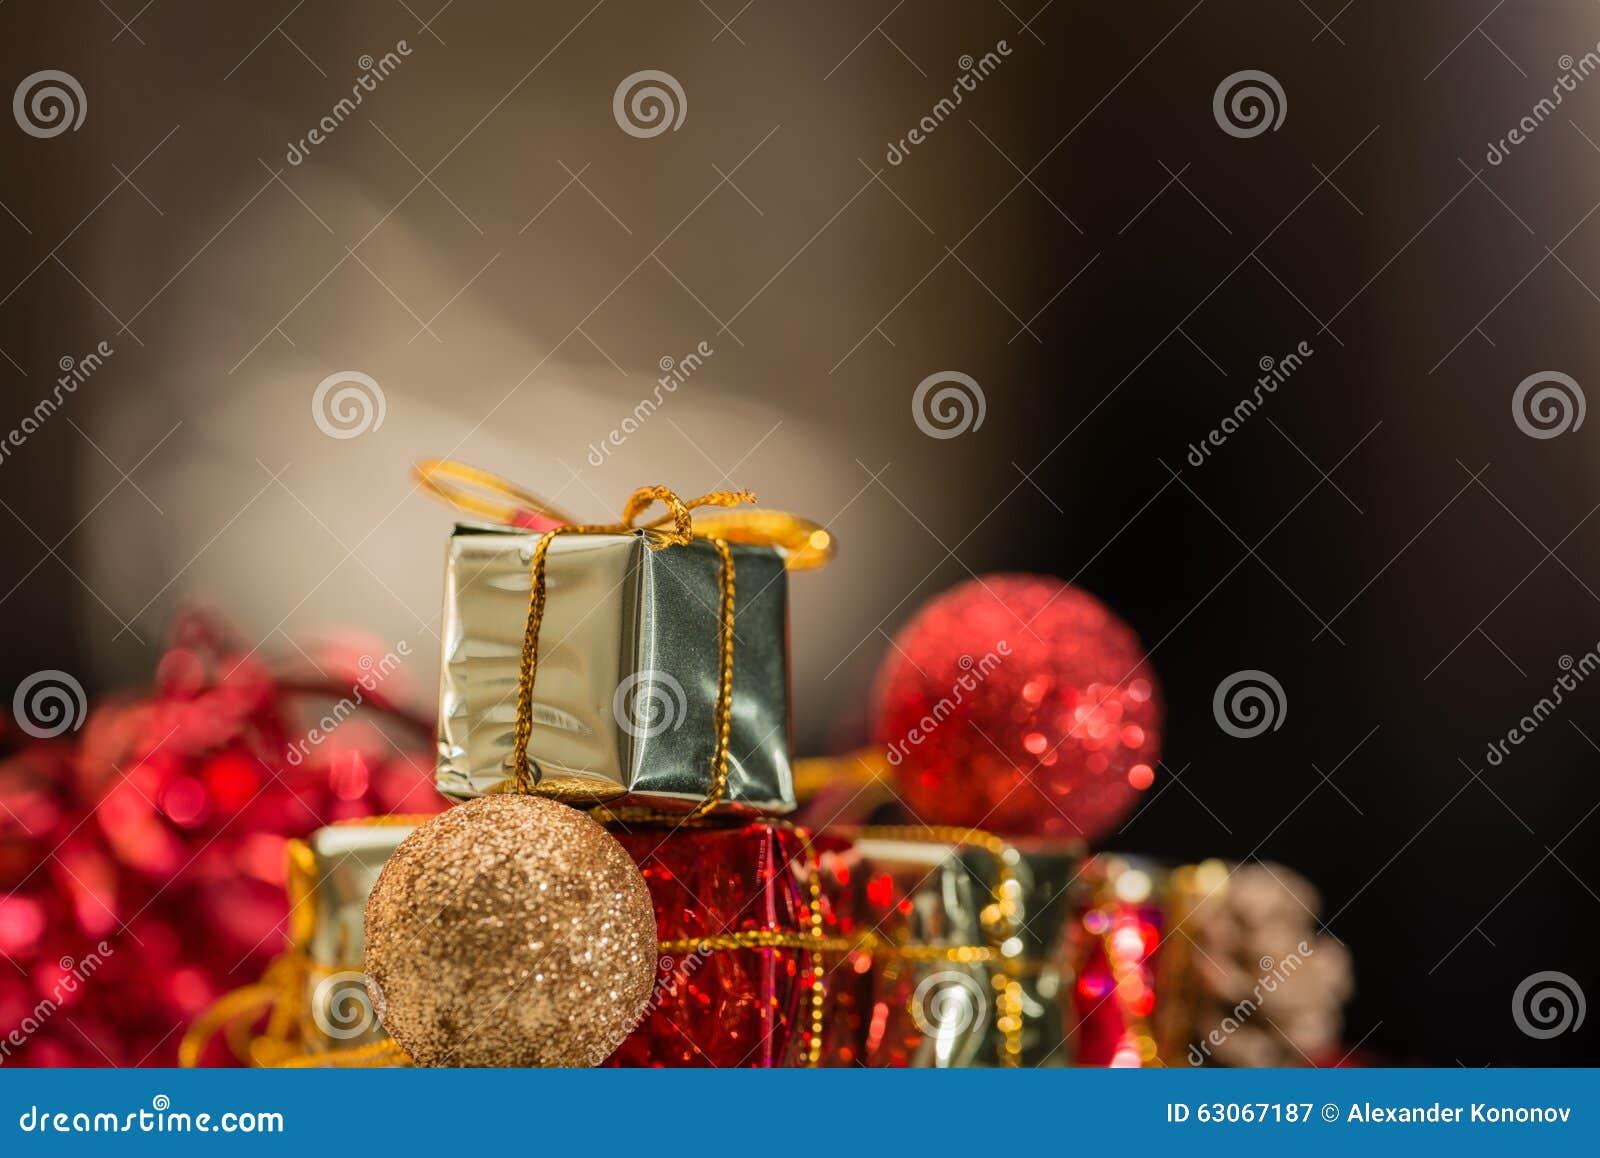 Christmas tiny toys stock image. Image of gift, bokeh - 63067187